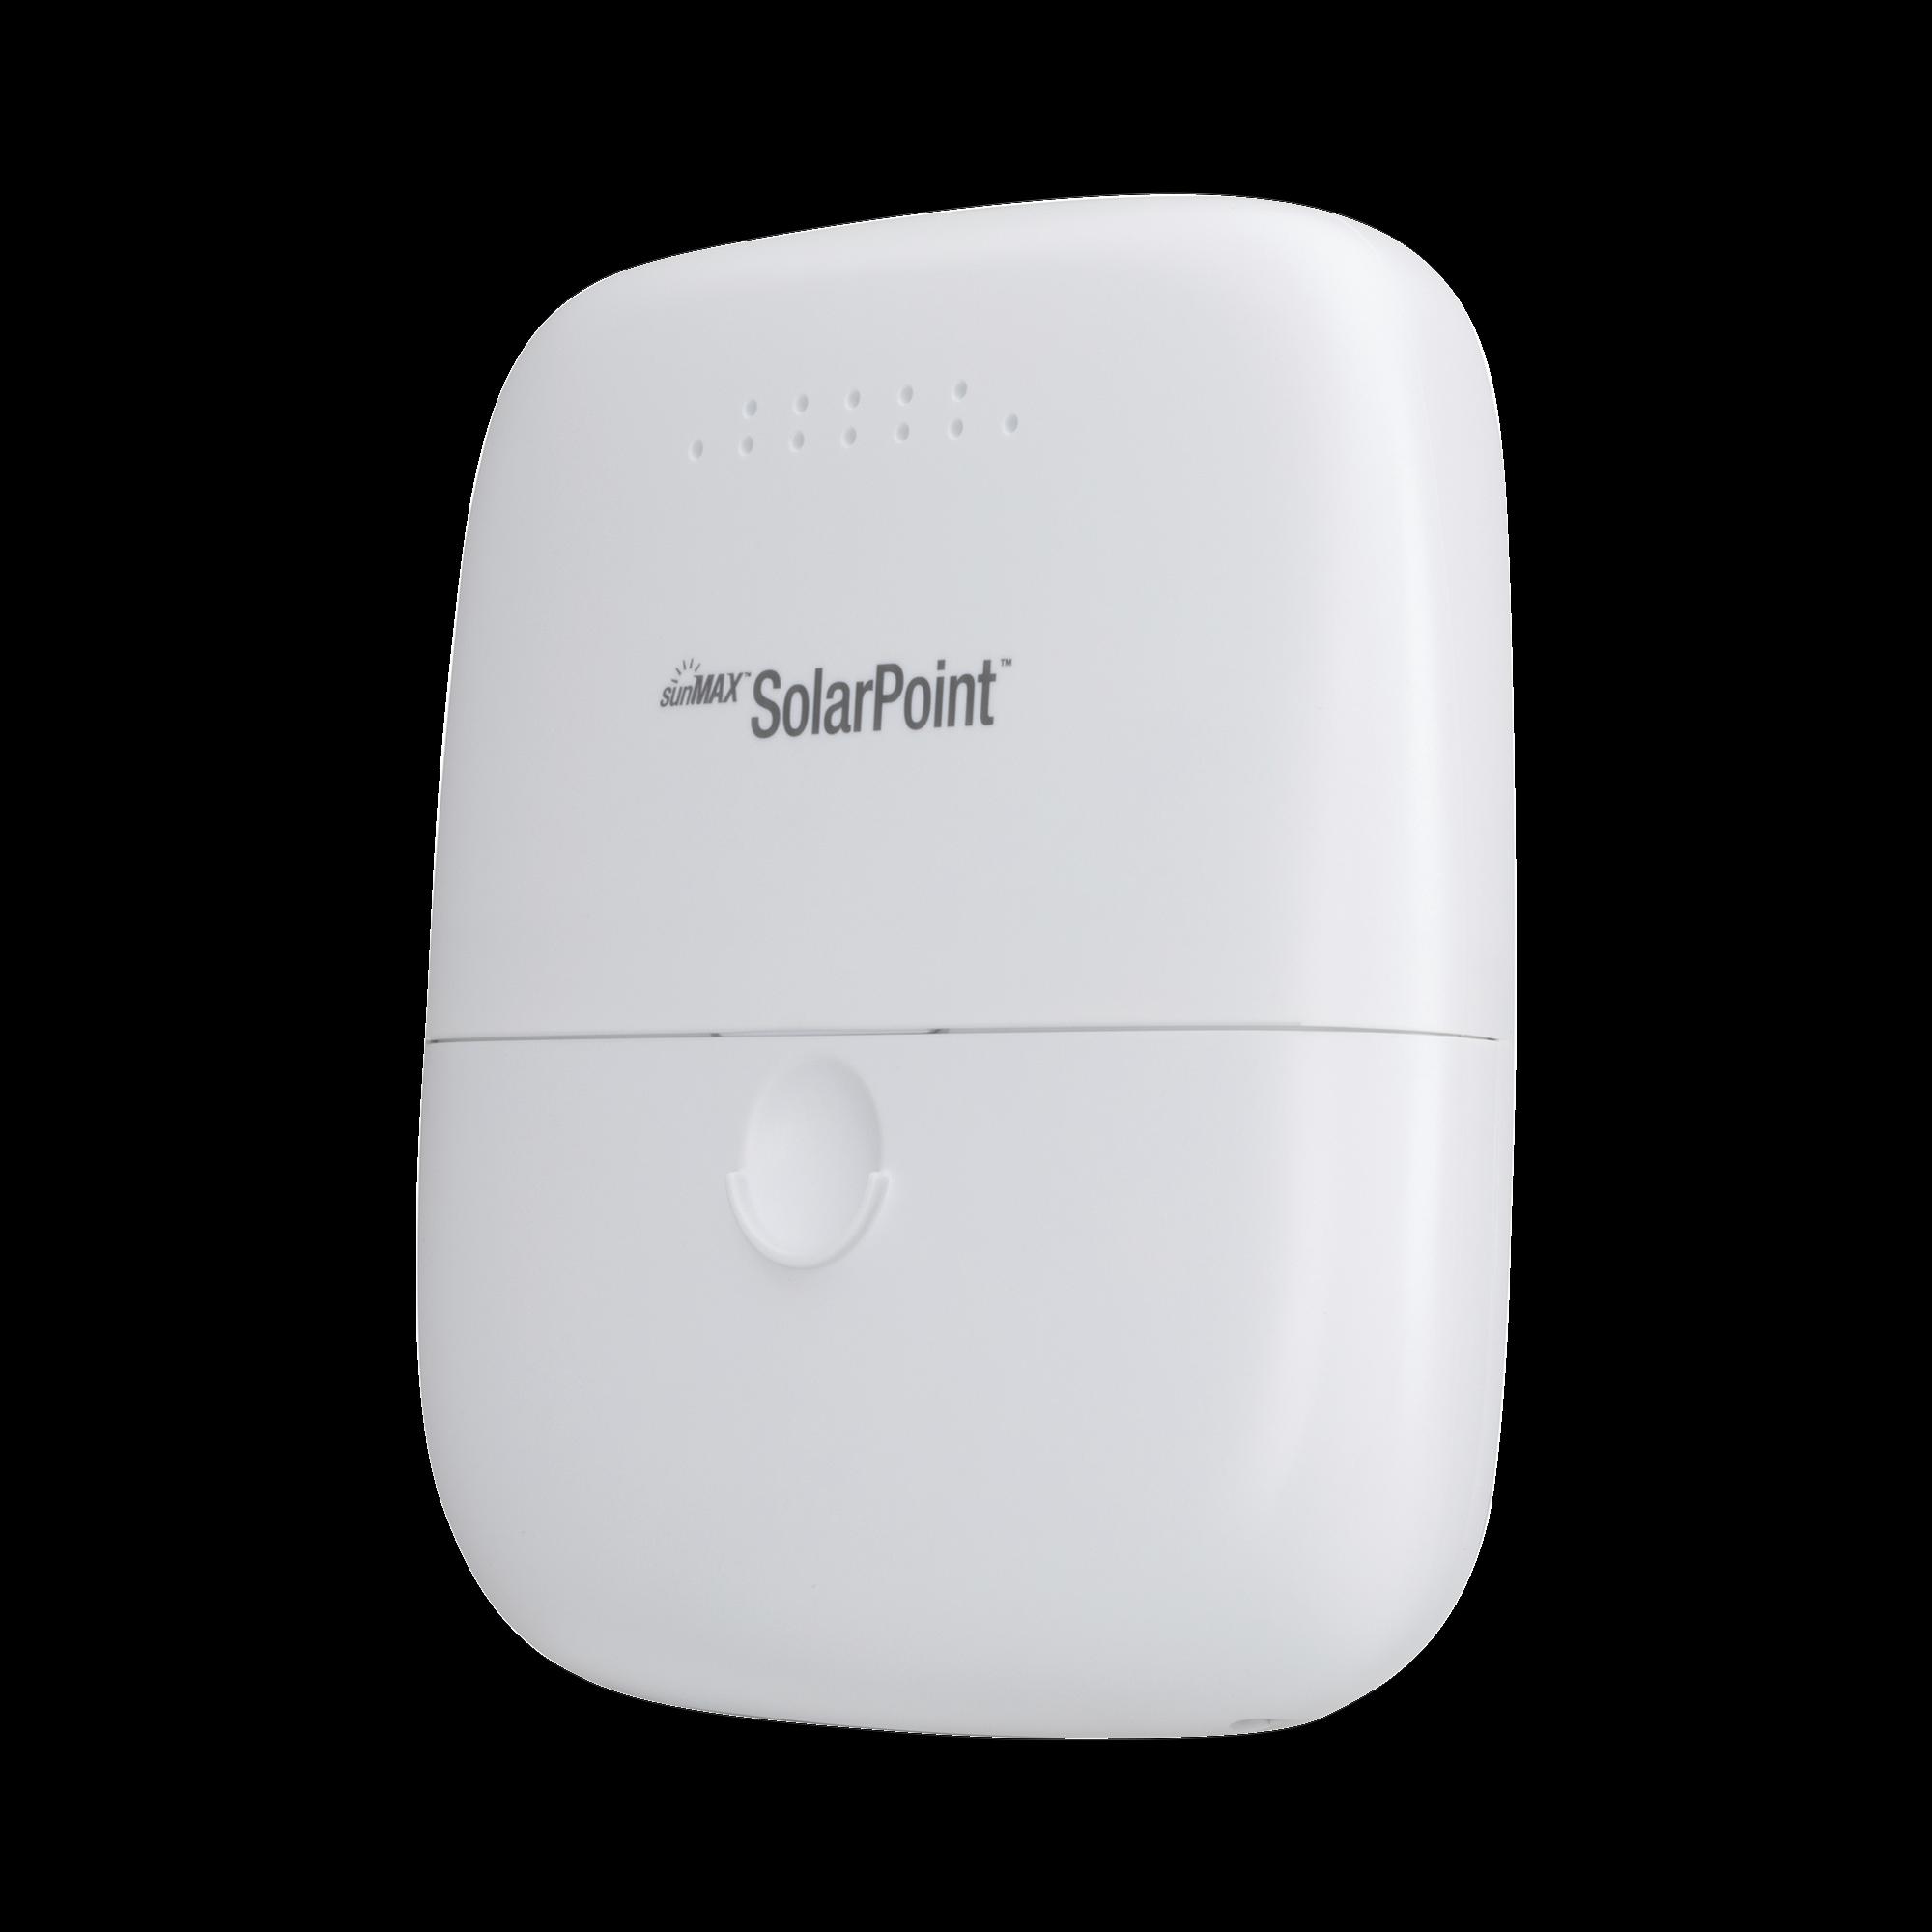 Controlador de carga MPPT SunMax Solar Point 24V 7A para exterior con switch PoE pasivo 24V integrado para alimentar equipos airMAX